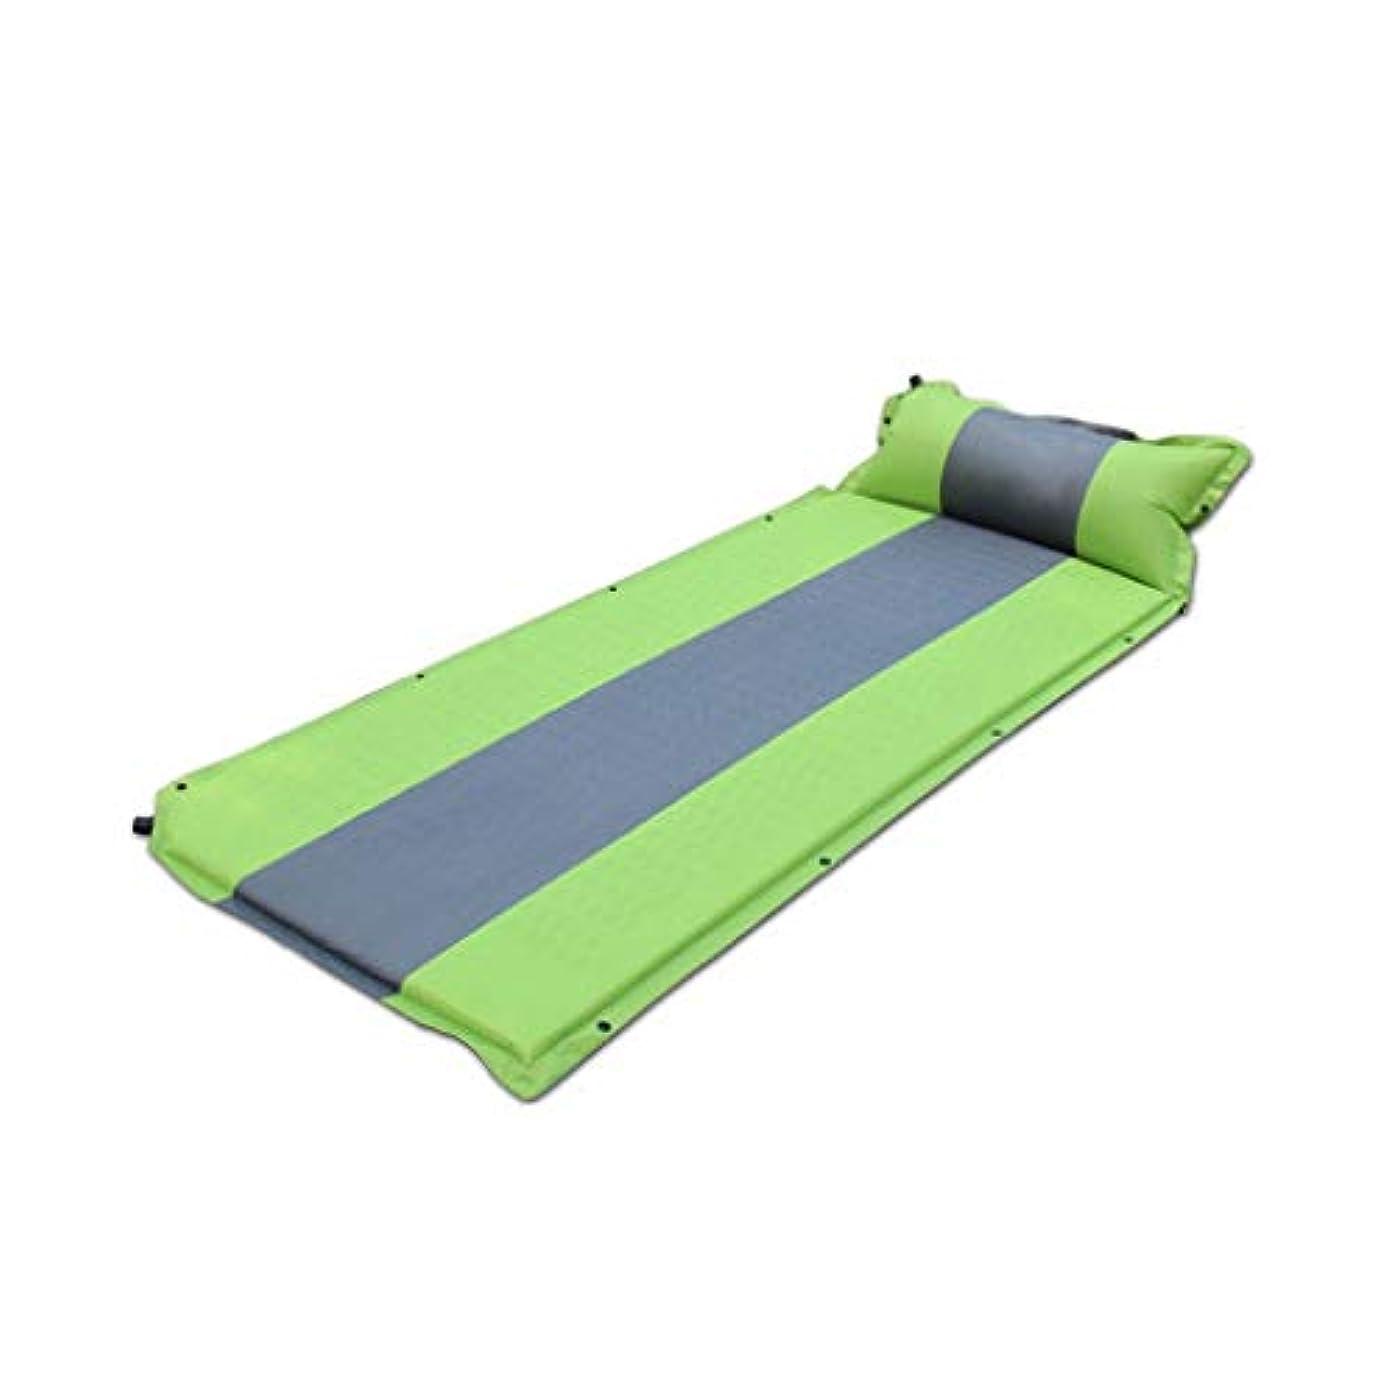 出来事パニック不完全XF 自動インフレータブルクッション拡大シングルマット屋外肥厚拡大ピクニックマットキャンプテントシエスタマットベッド、187×67×3.5センチ キャンプ用寝具 (Color : B)